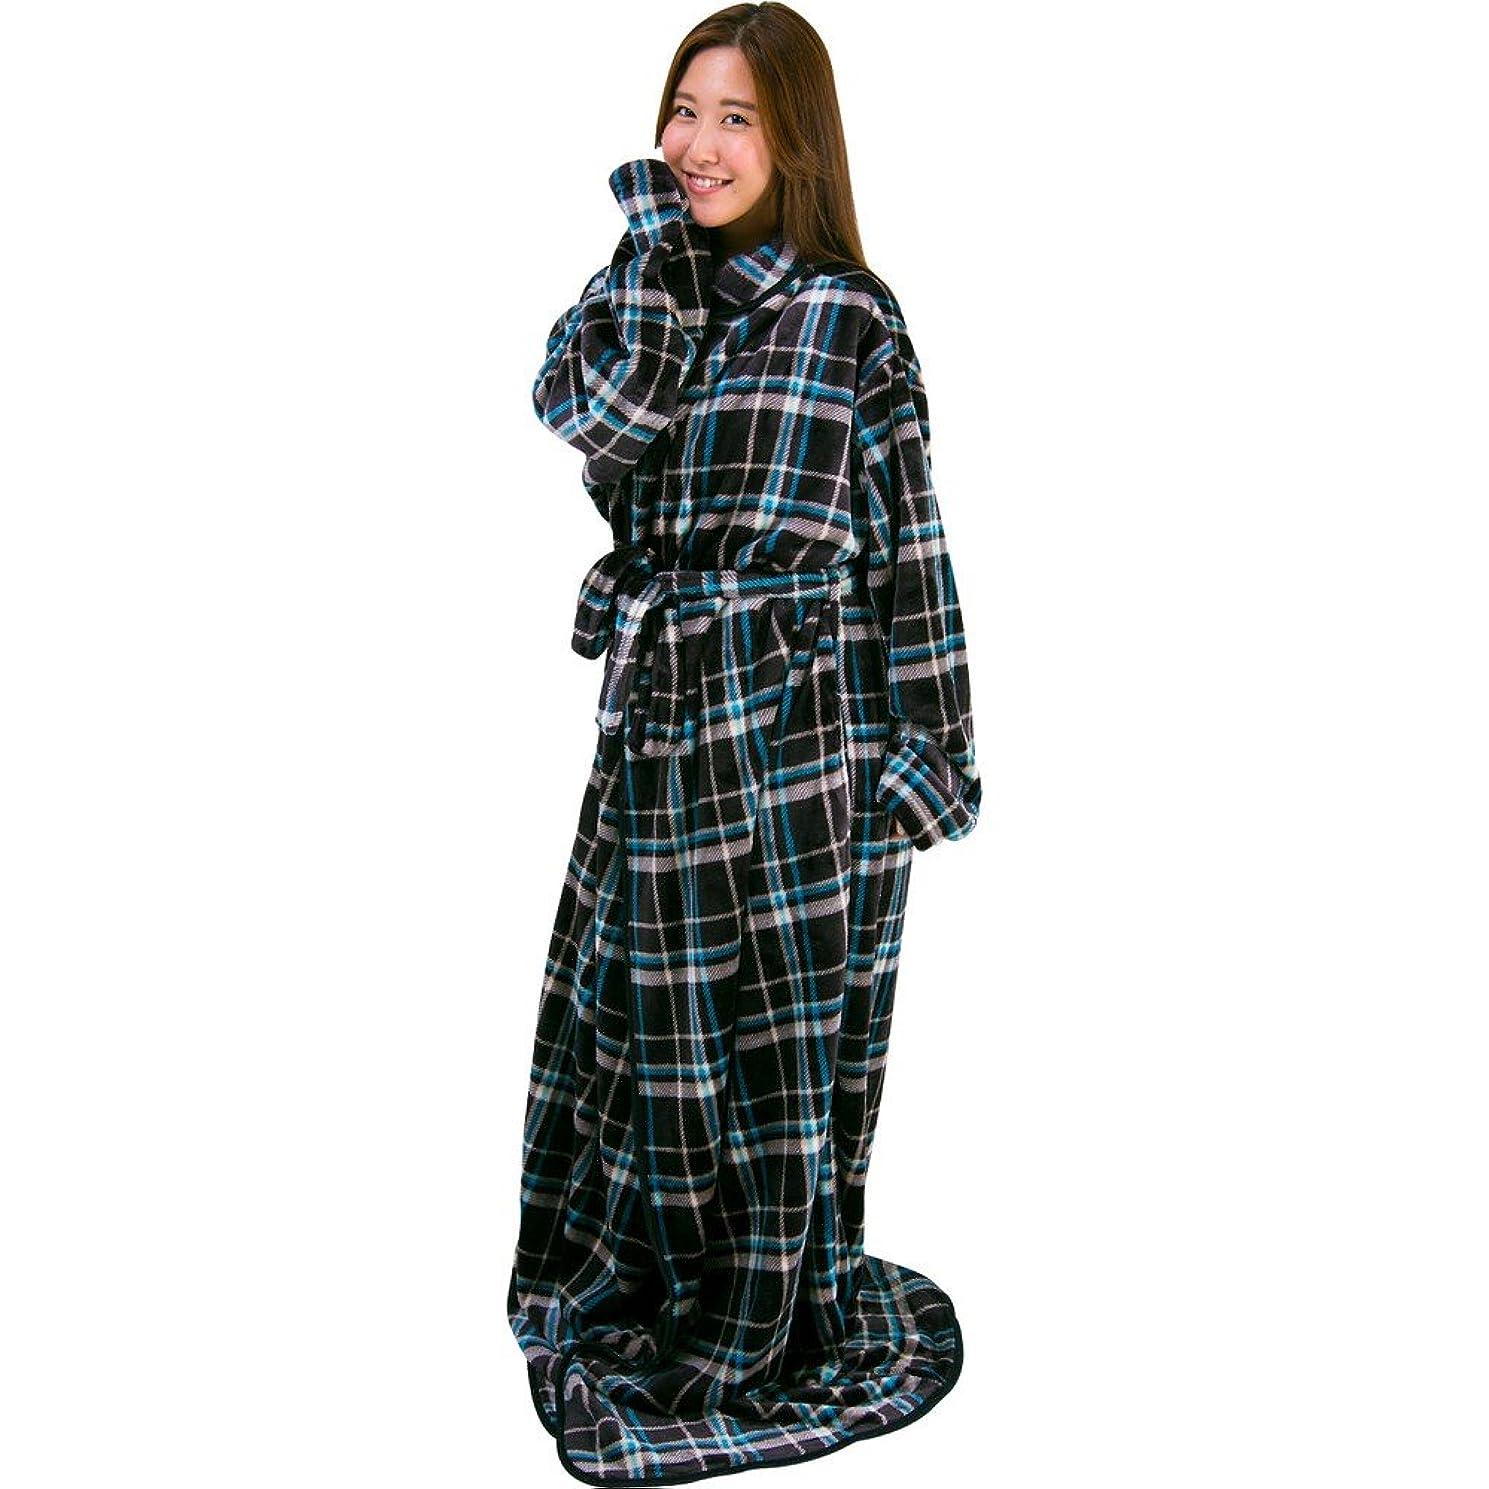 ずるい社交的エミュレートするアイリスプラザ 毛布 着る毛布 180cm丈 ルームウェア フランネルマイクロファイバー とろけるような肌触り 静電気防止 洗える ブラック×ブルー